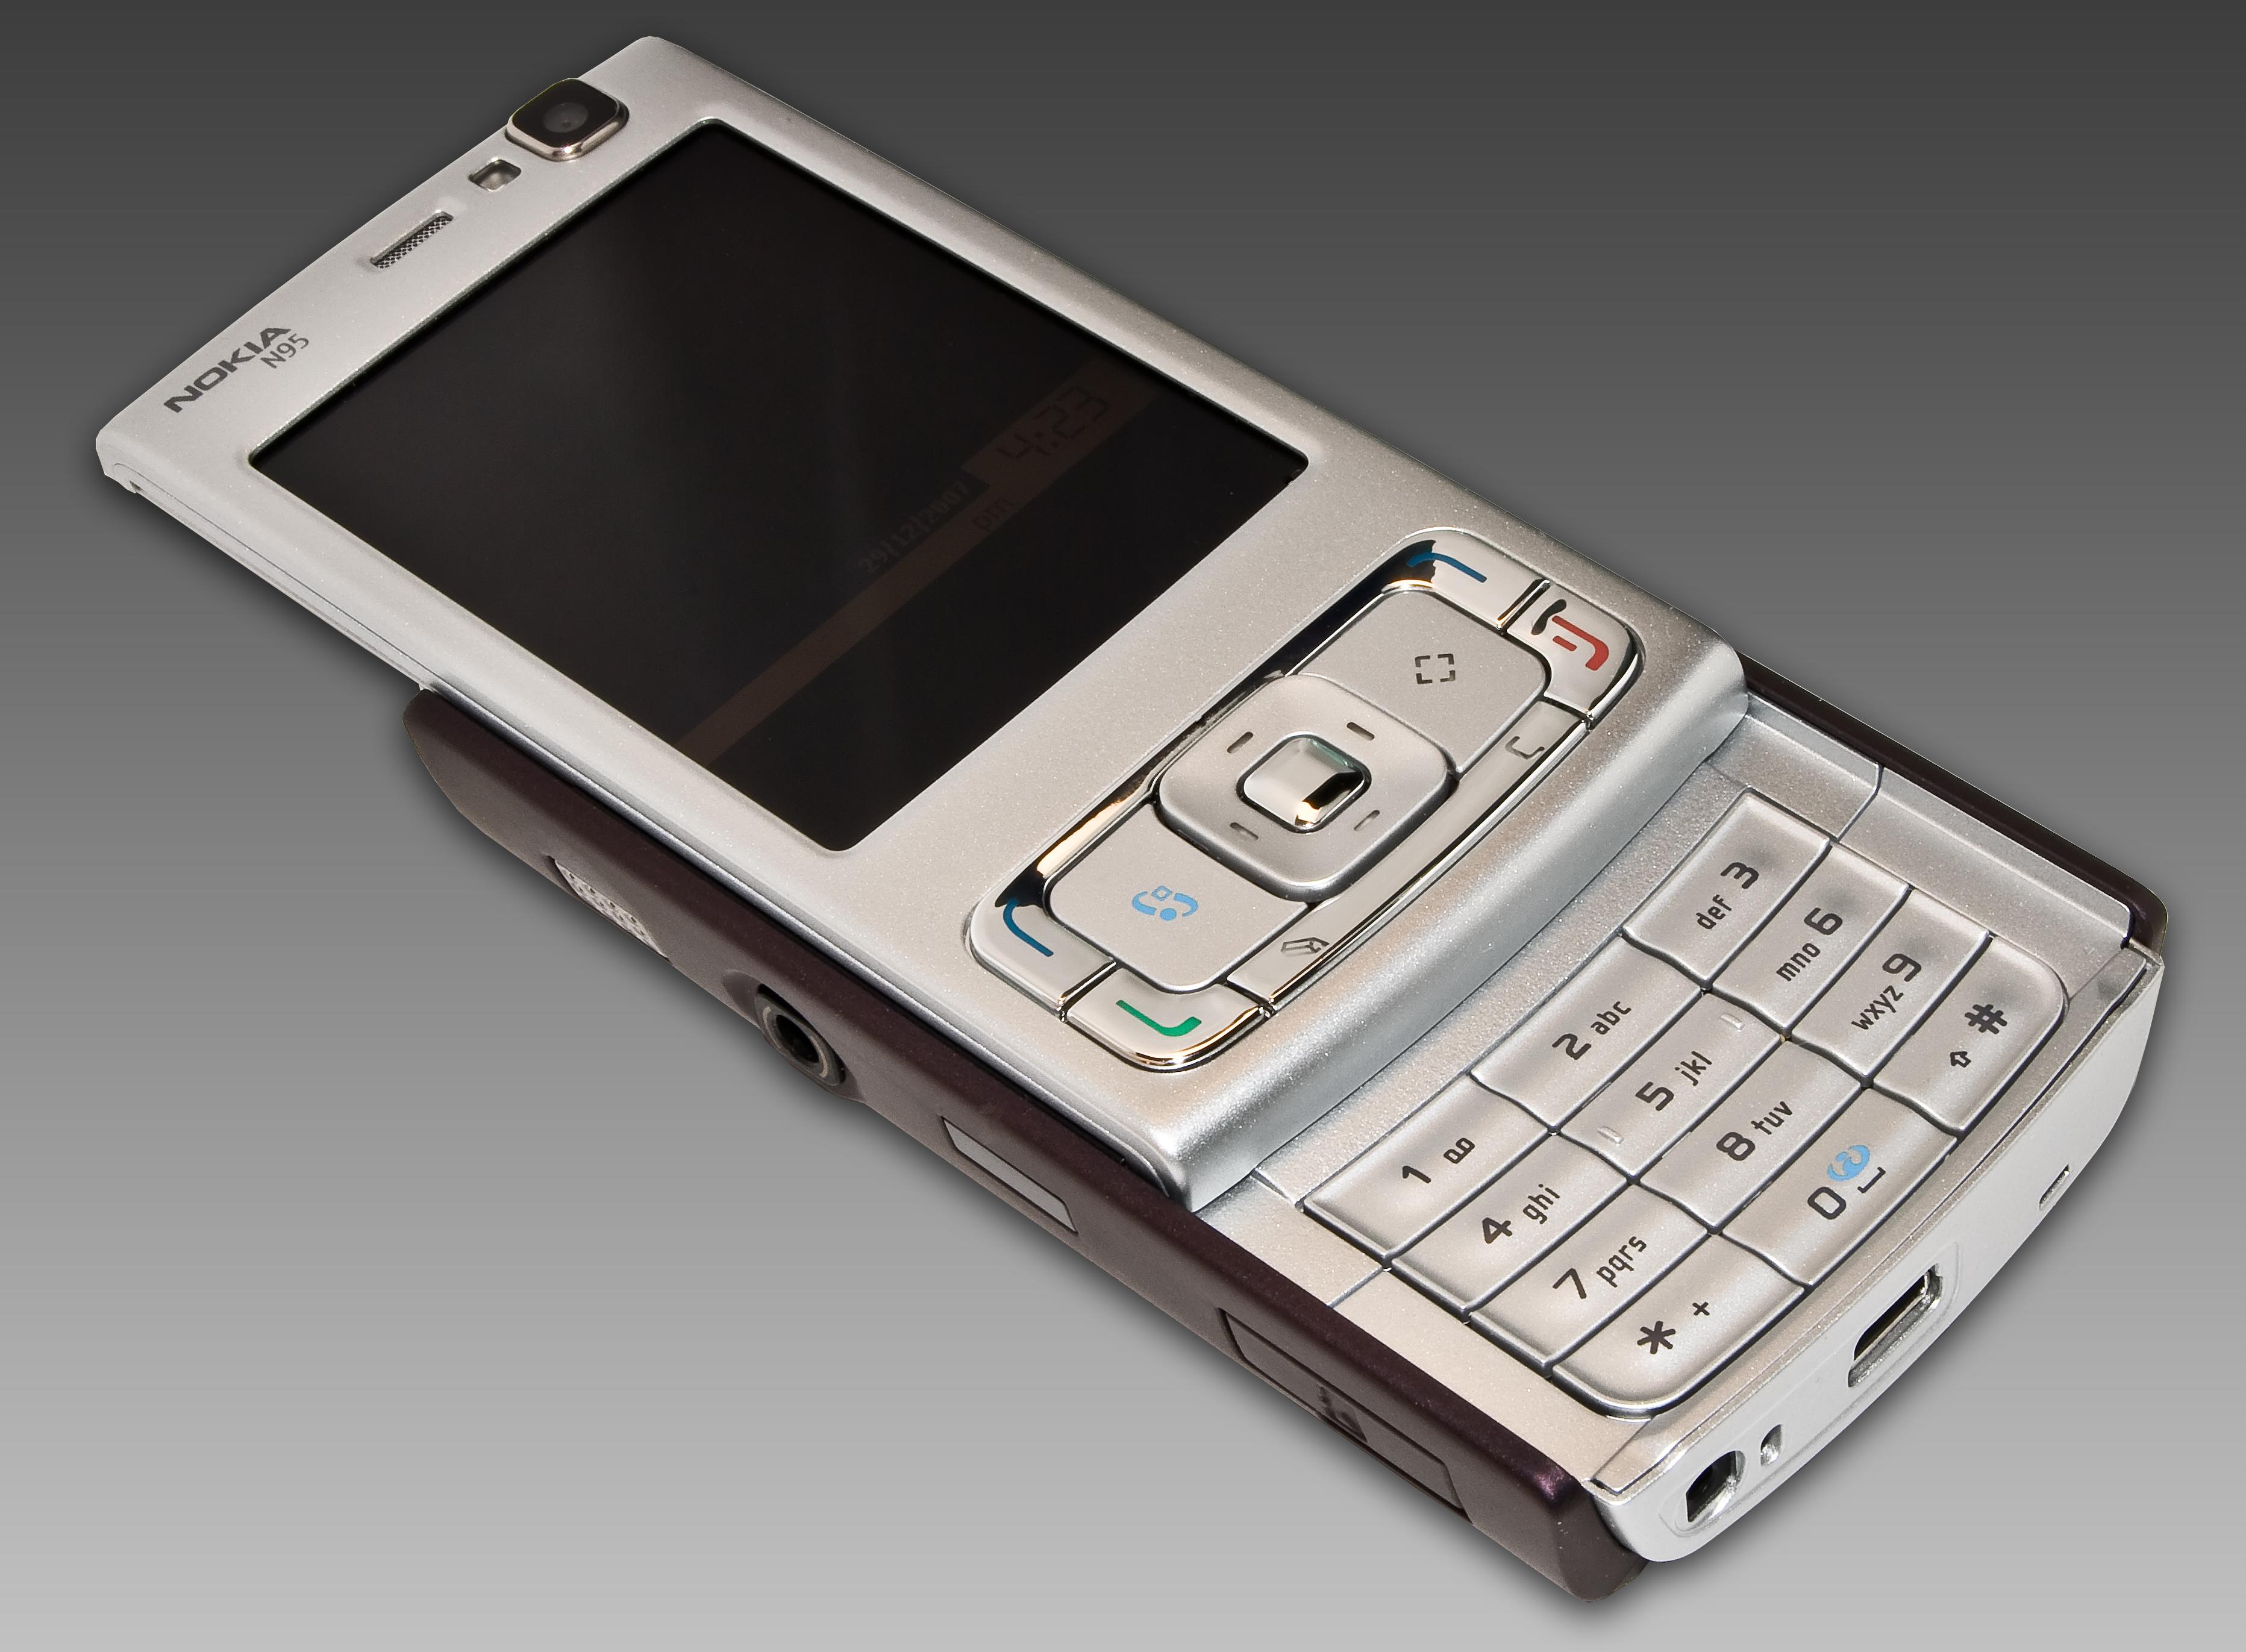 Nokia Side Slide Phones Nokia n95 - wikipedia